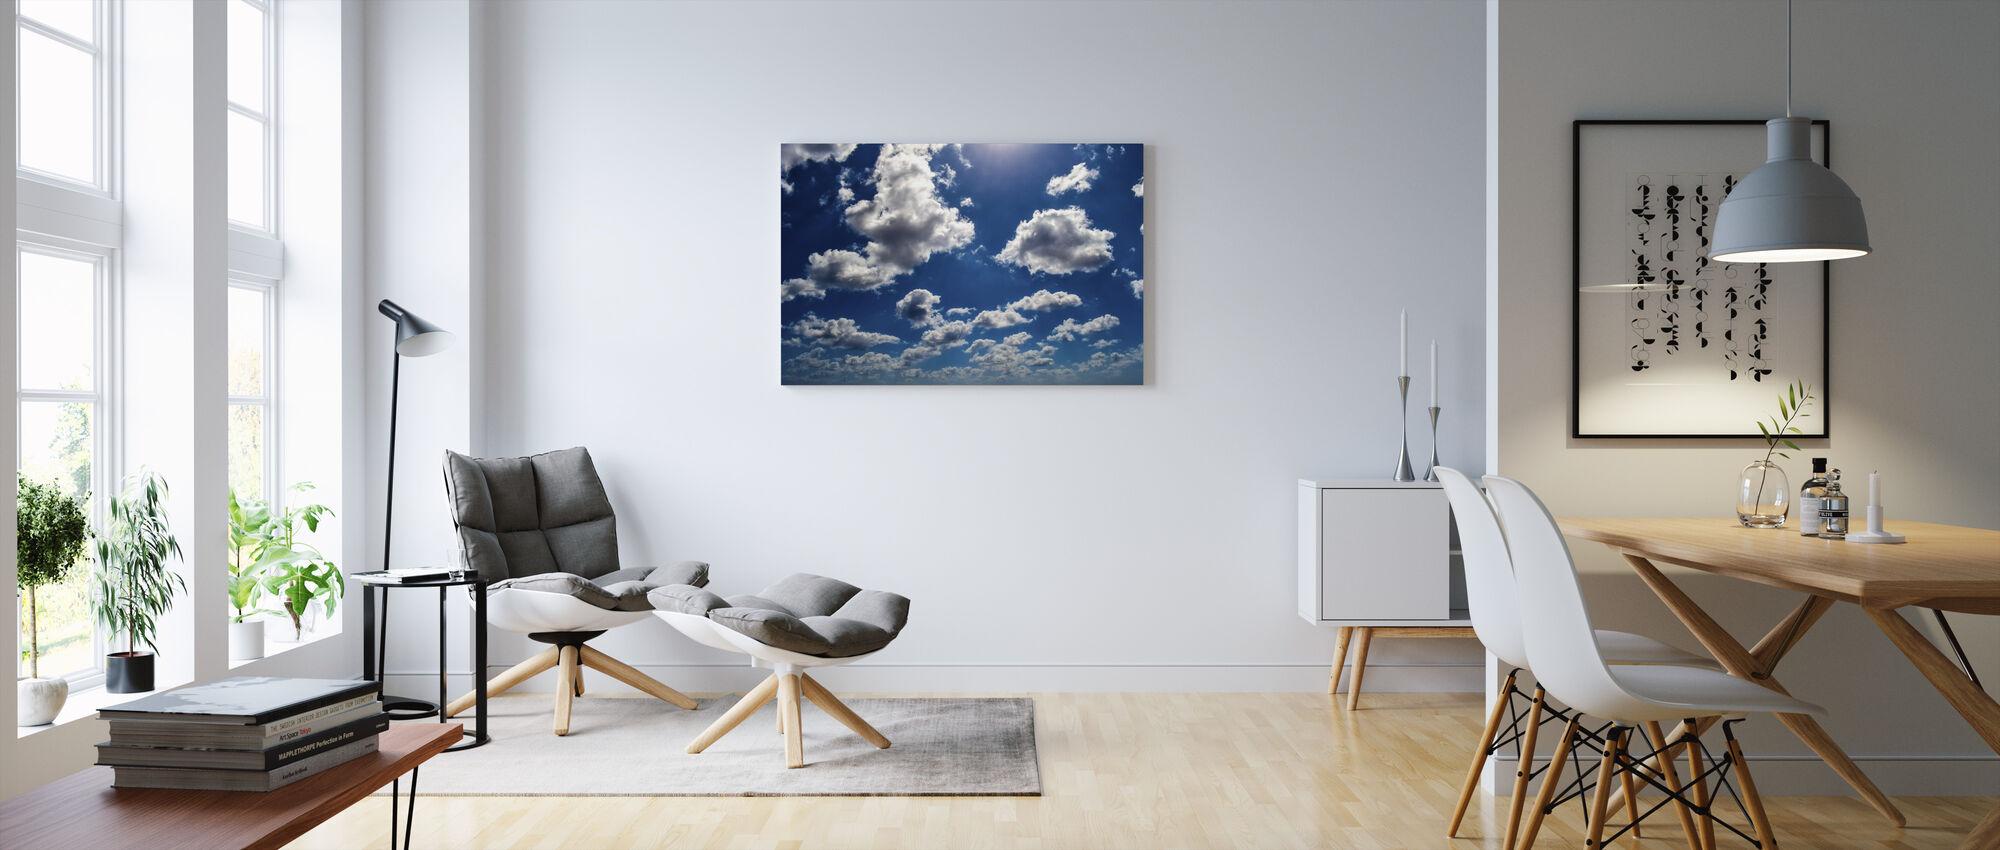 Sininen taivas pilvet - Canvastaulu - Olohuone